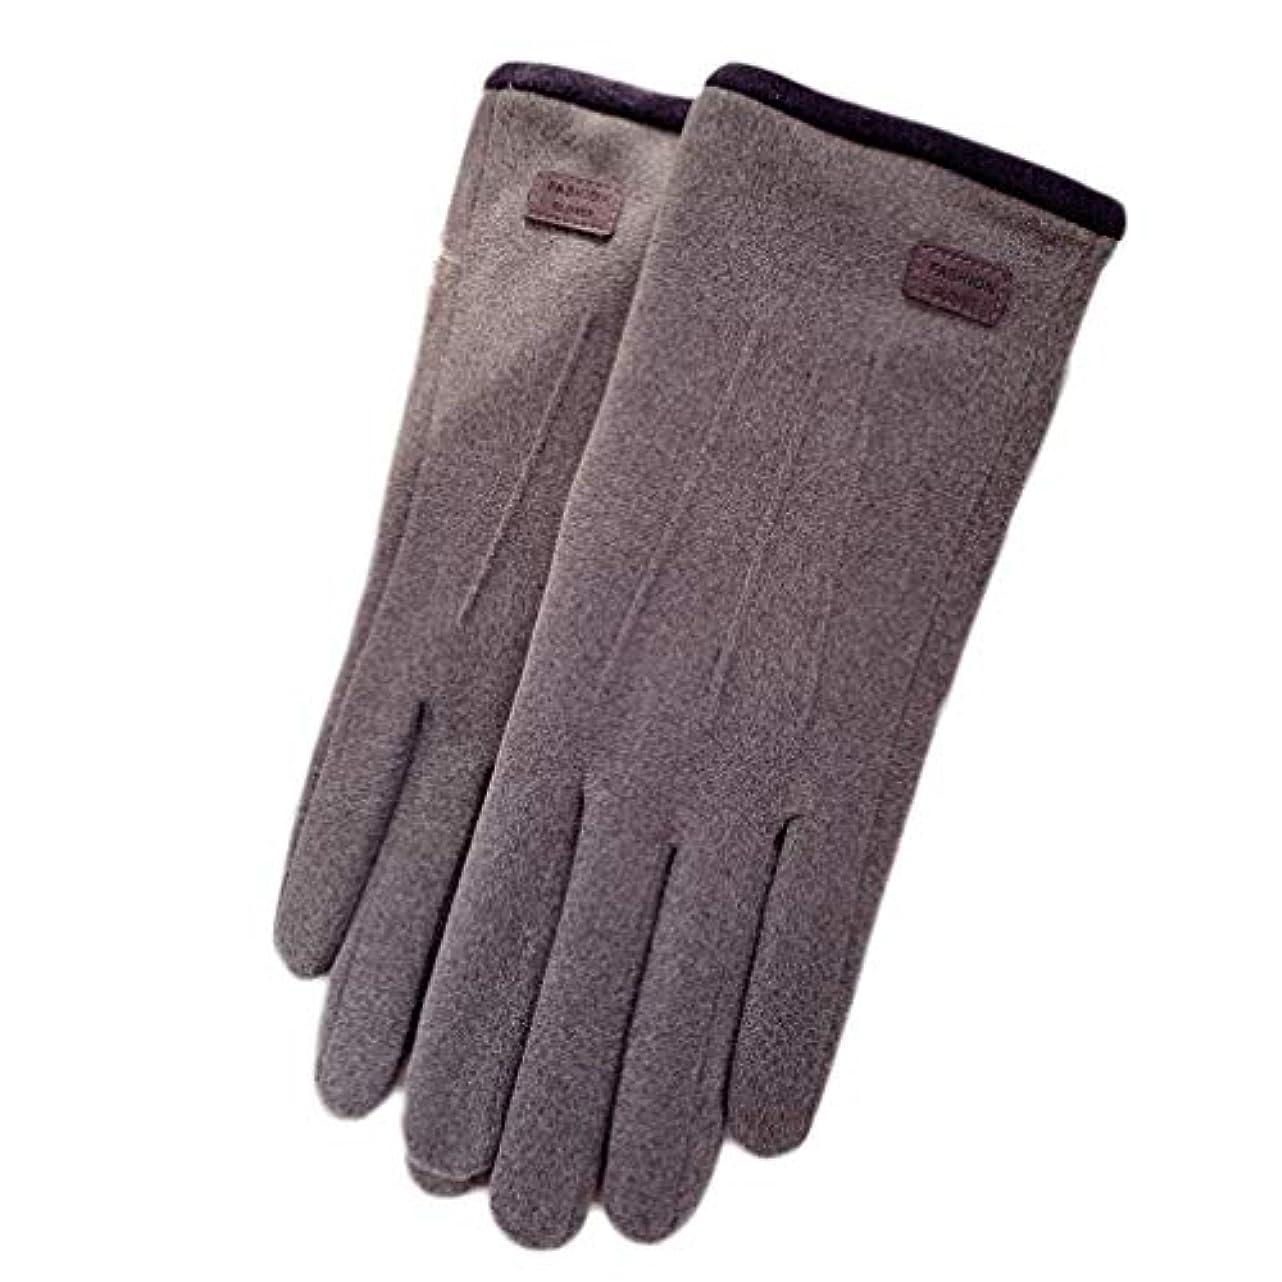 国歌ハーブかなりの冬の手袋 耐寒性 温熱 フリース絶縁 ラムウール ハンズウォーマー 女性と男性用